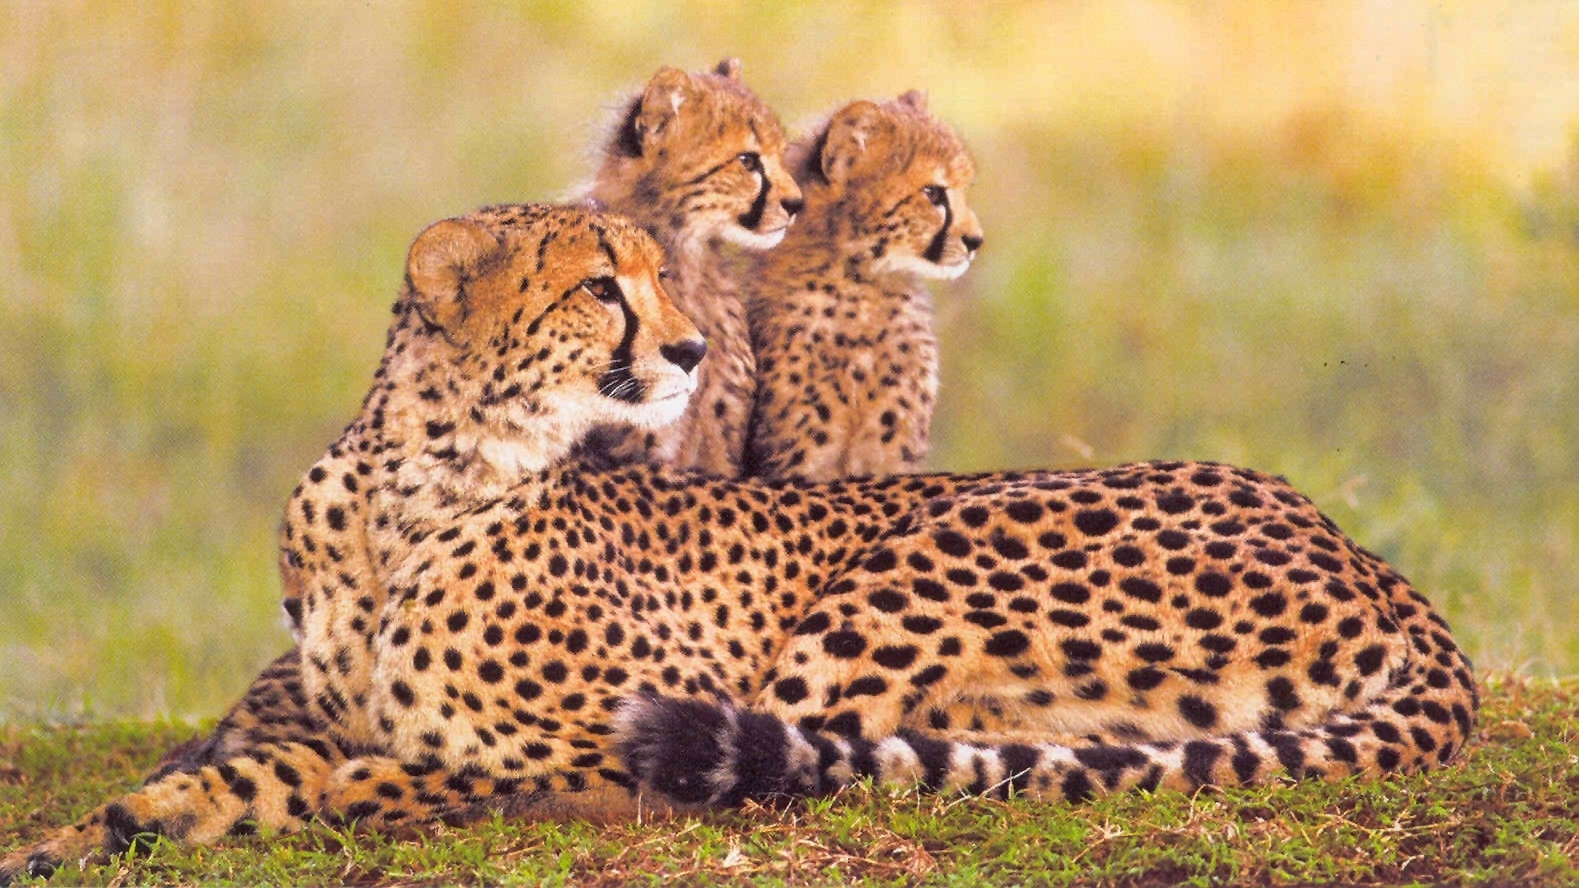 zie-een-moeder-cheetah-met-jonkies-tijdesn-uw-safari-in-zuid-afrika-via-exclusive-culitravel.jpg